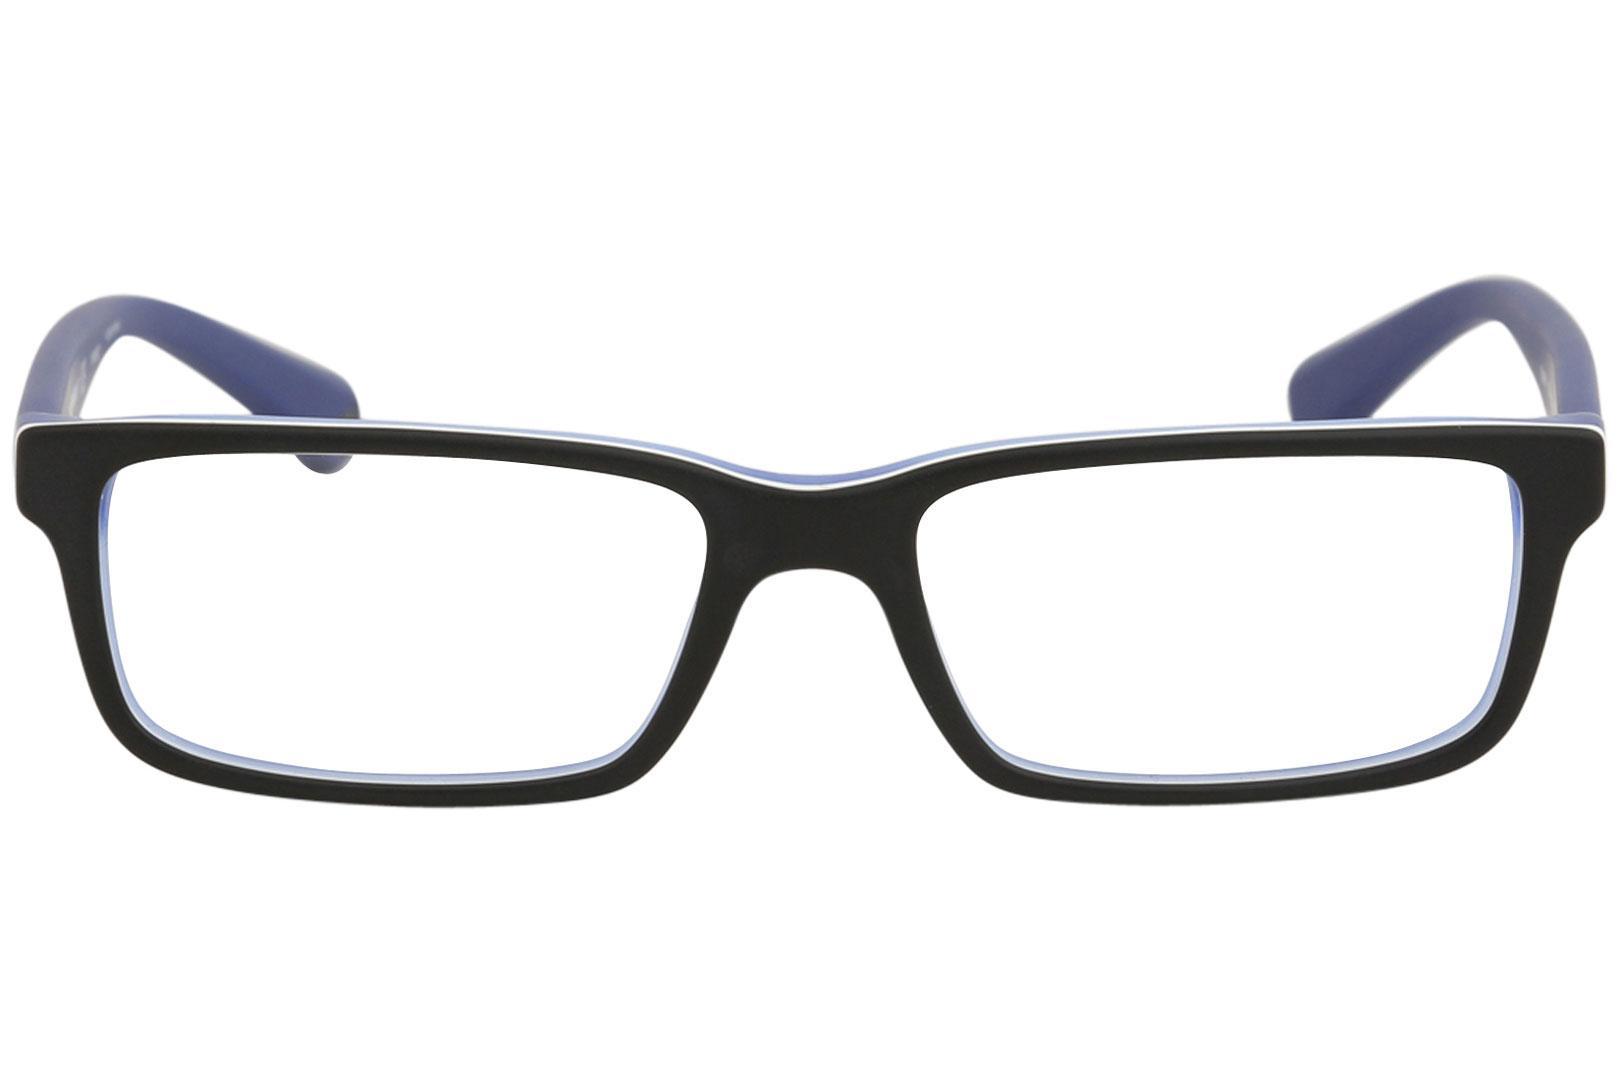 2cfa672e14fd Emporio Armani Men s Eyeglasses EA3061 EA 3061 Full Rim Optical Frame